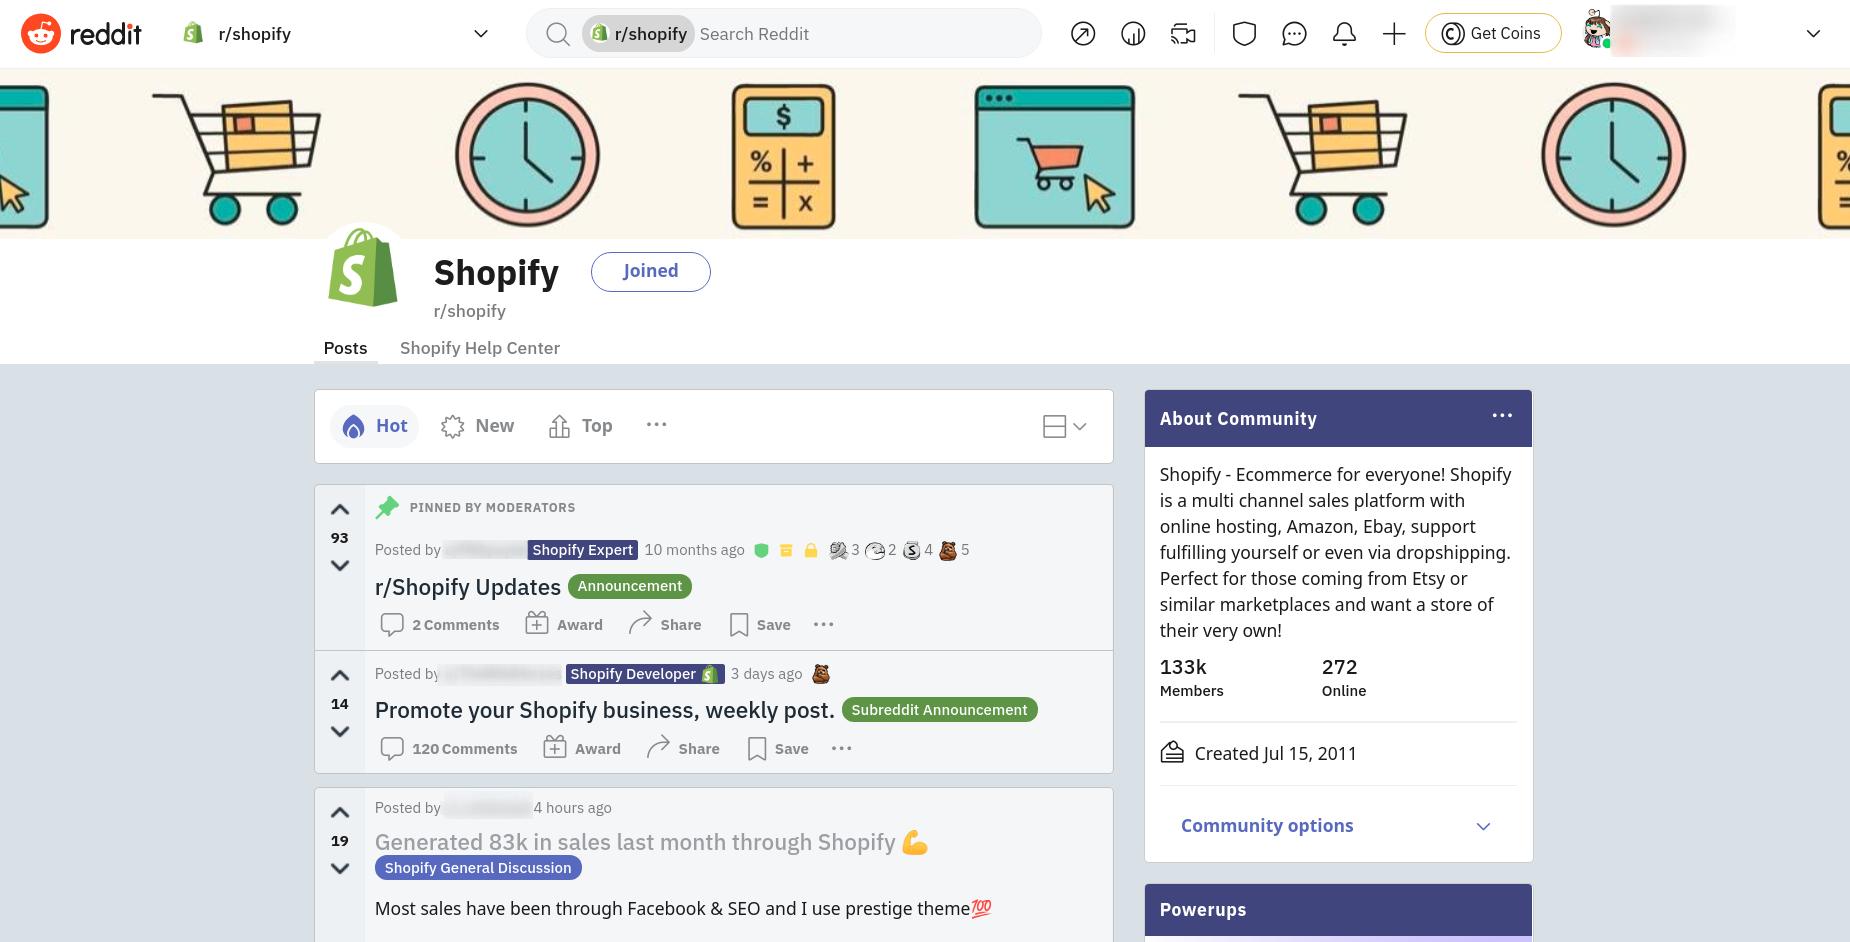 shopify-subreddit